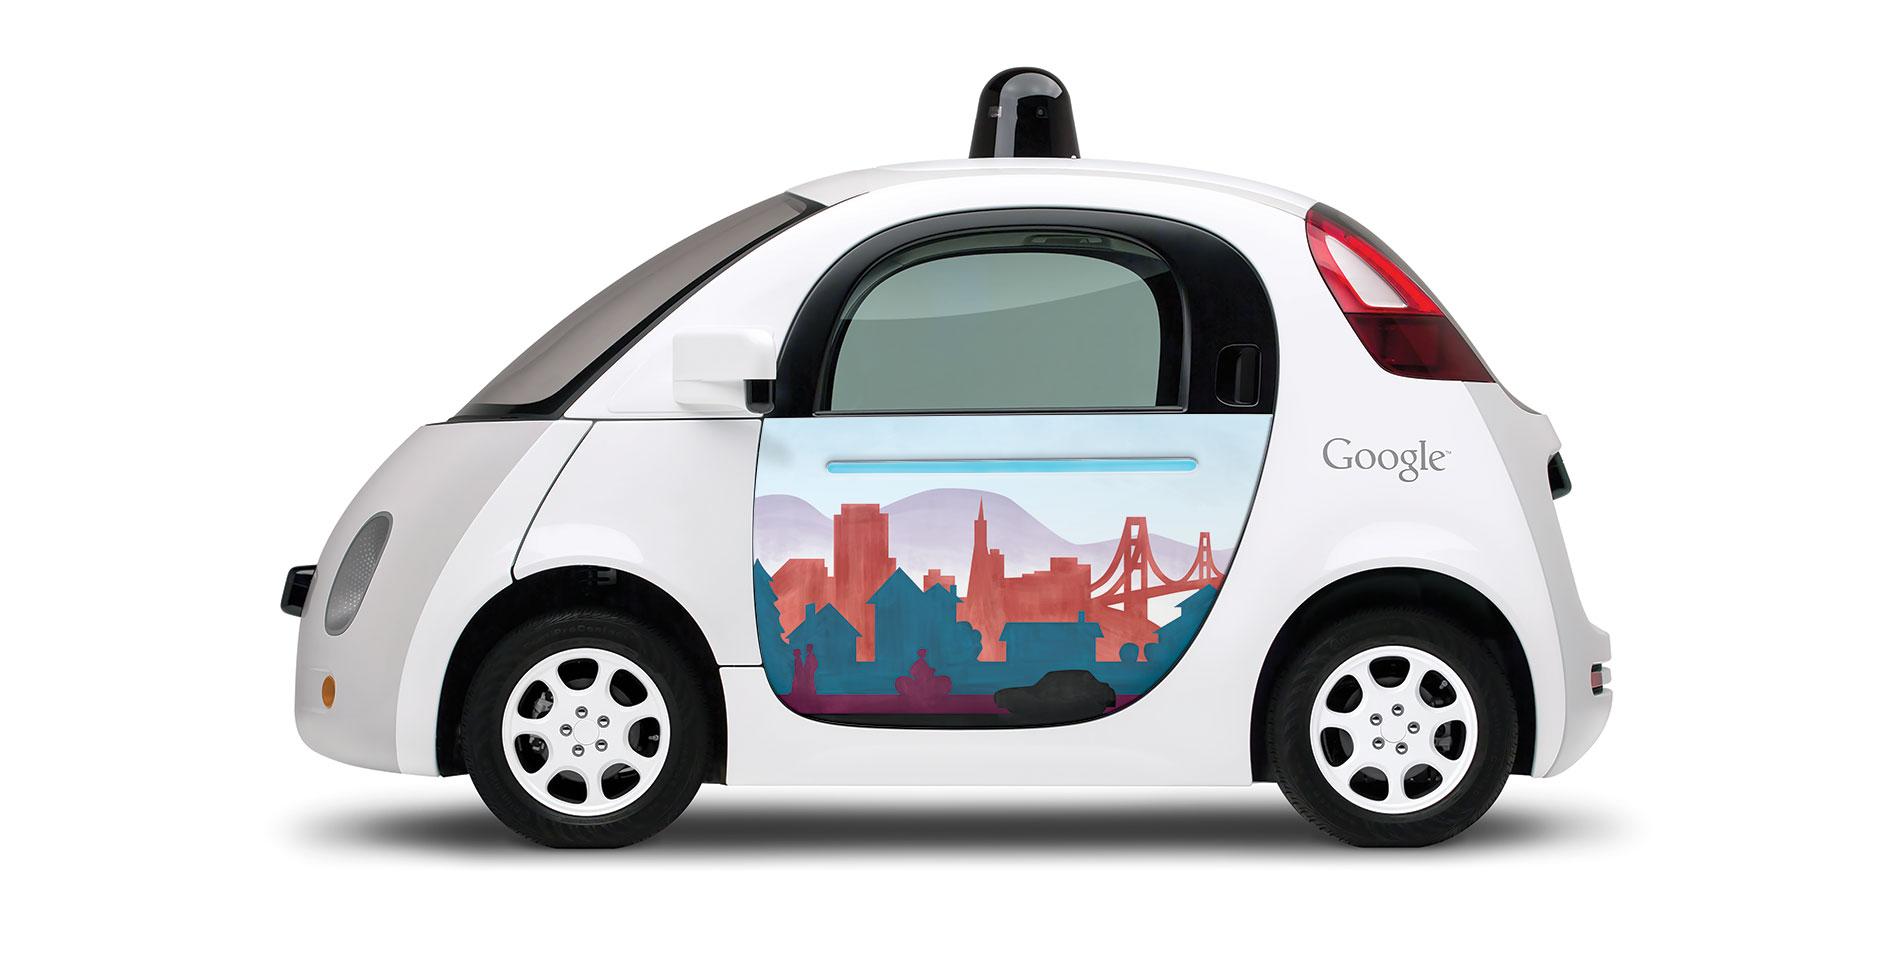 la californie veut tuer les voitures autonomes frandroid. Black Bedroom Furniture Sets. Home Design Ideas